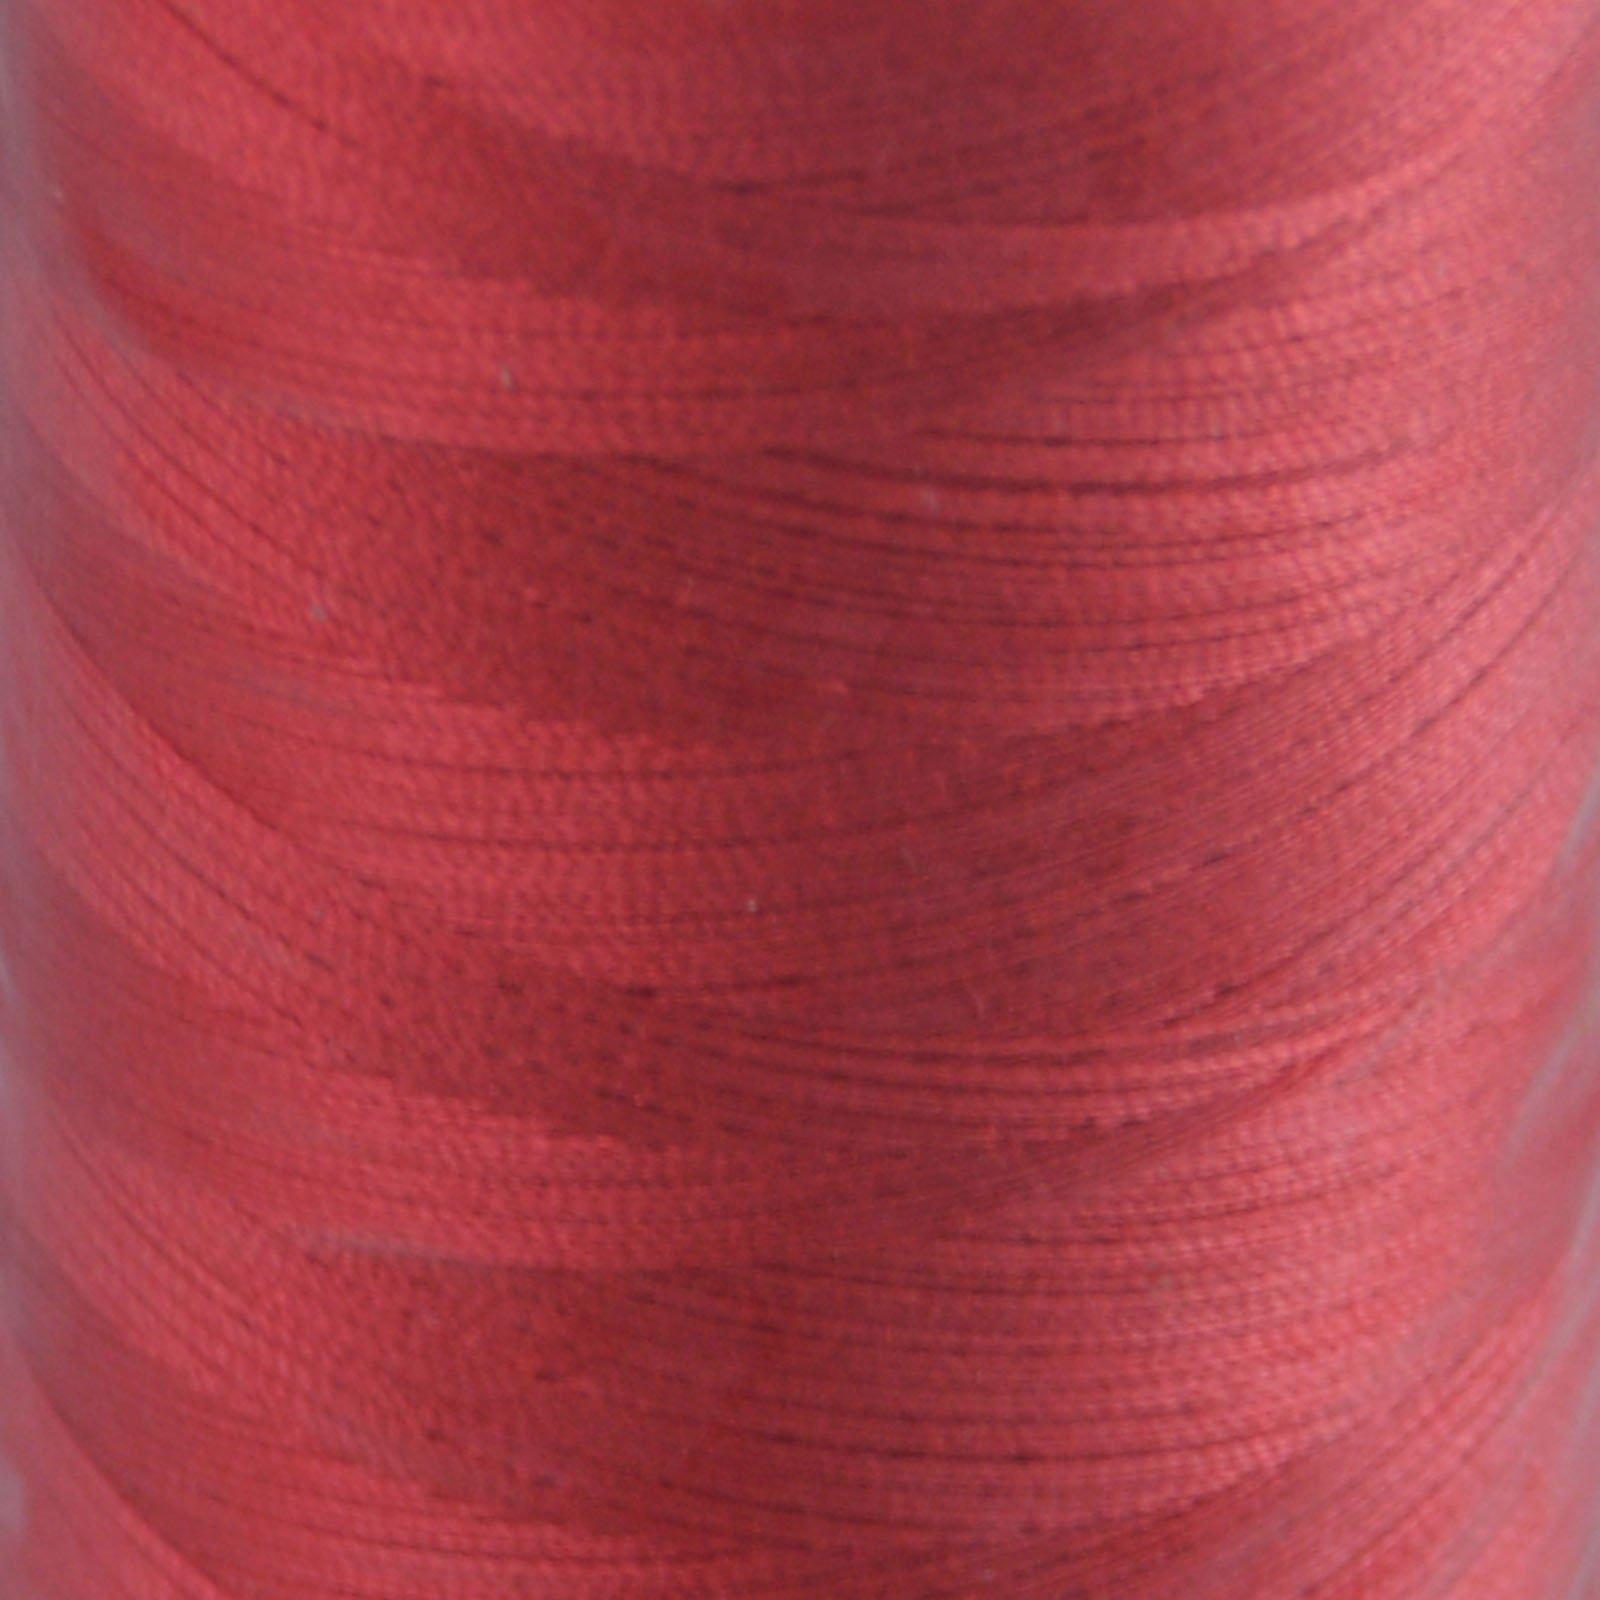 # 5002 Medium Red